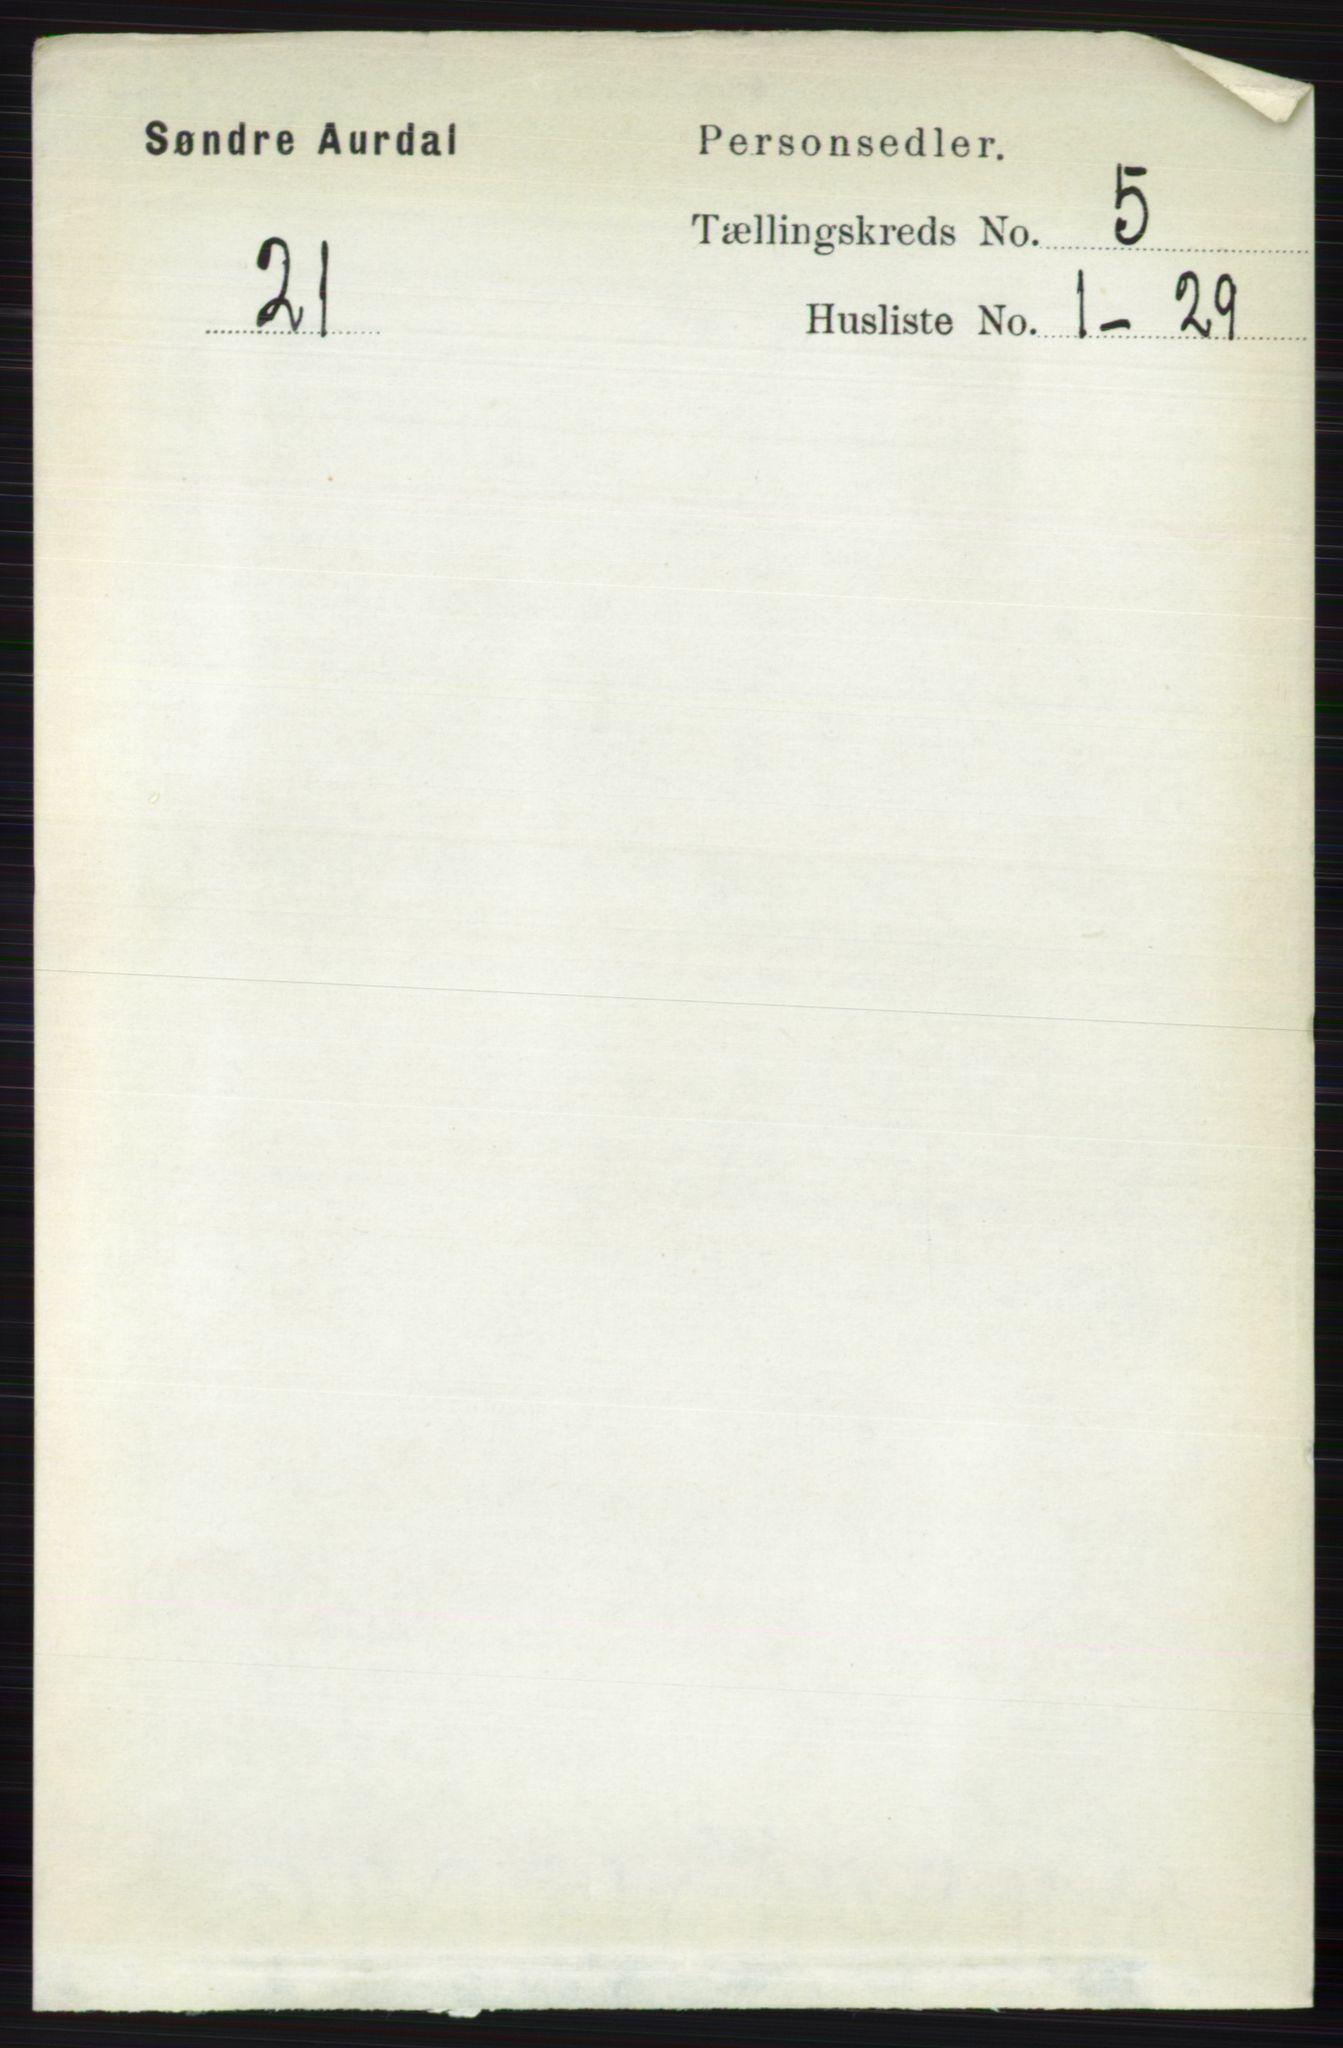 RA, Folketelling 1891 for 0540 Sør-Aurdal herred, 1891, s. 3155